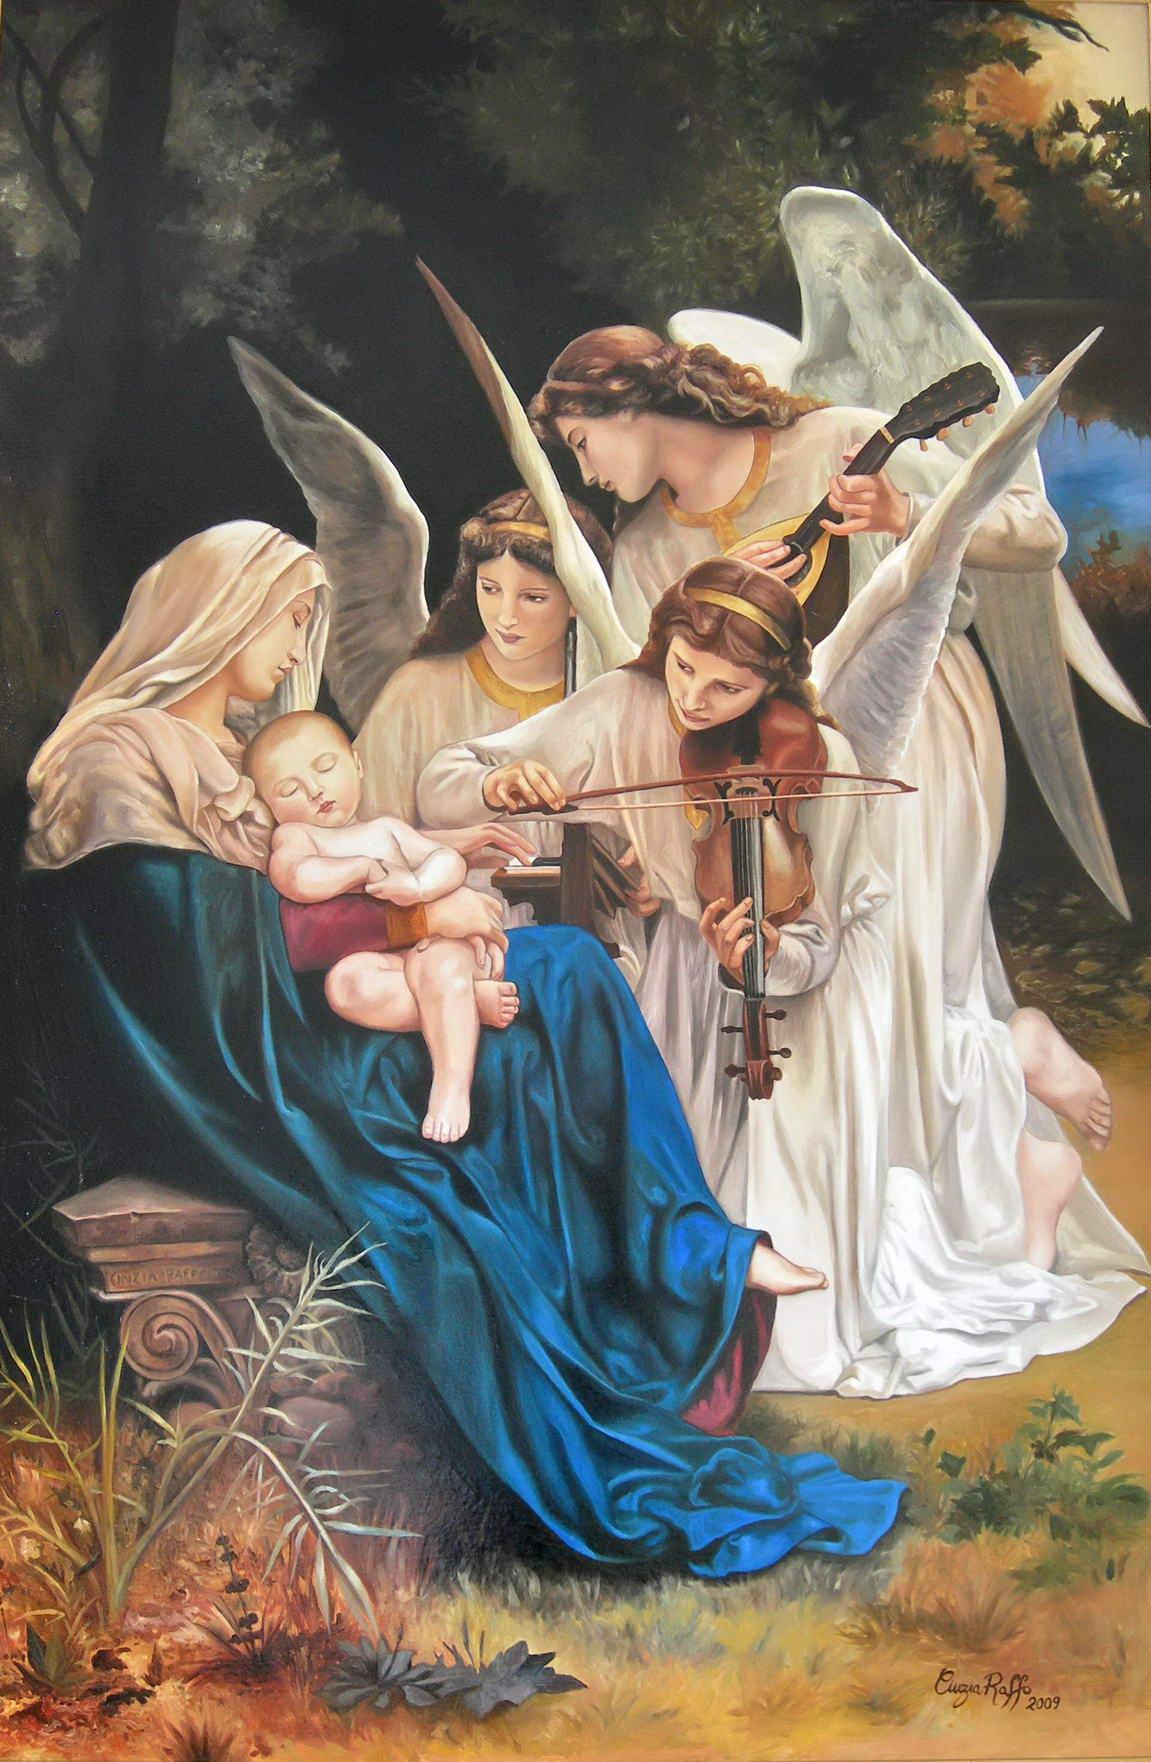 La canzone degli angeli omaggio a bouguereau cinzia for Quadri con angeli